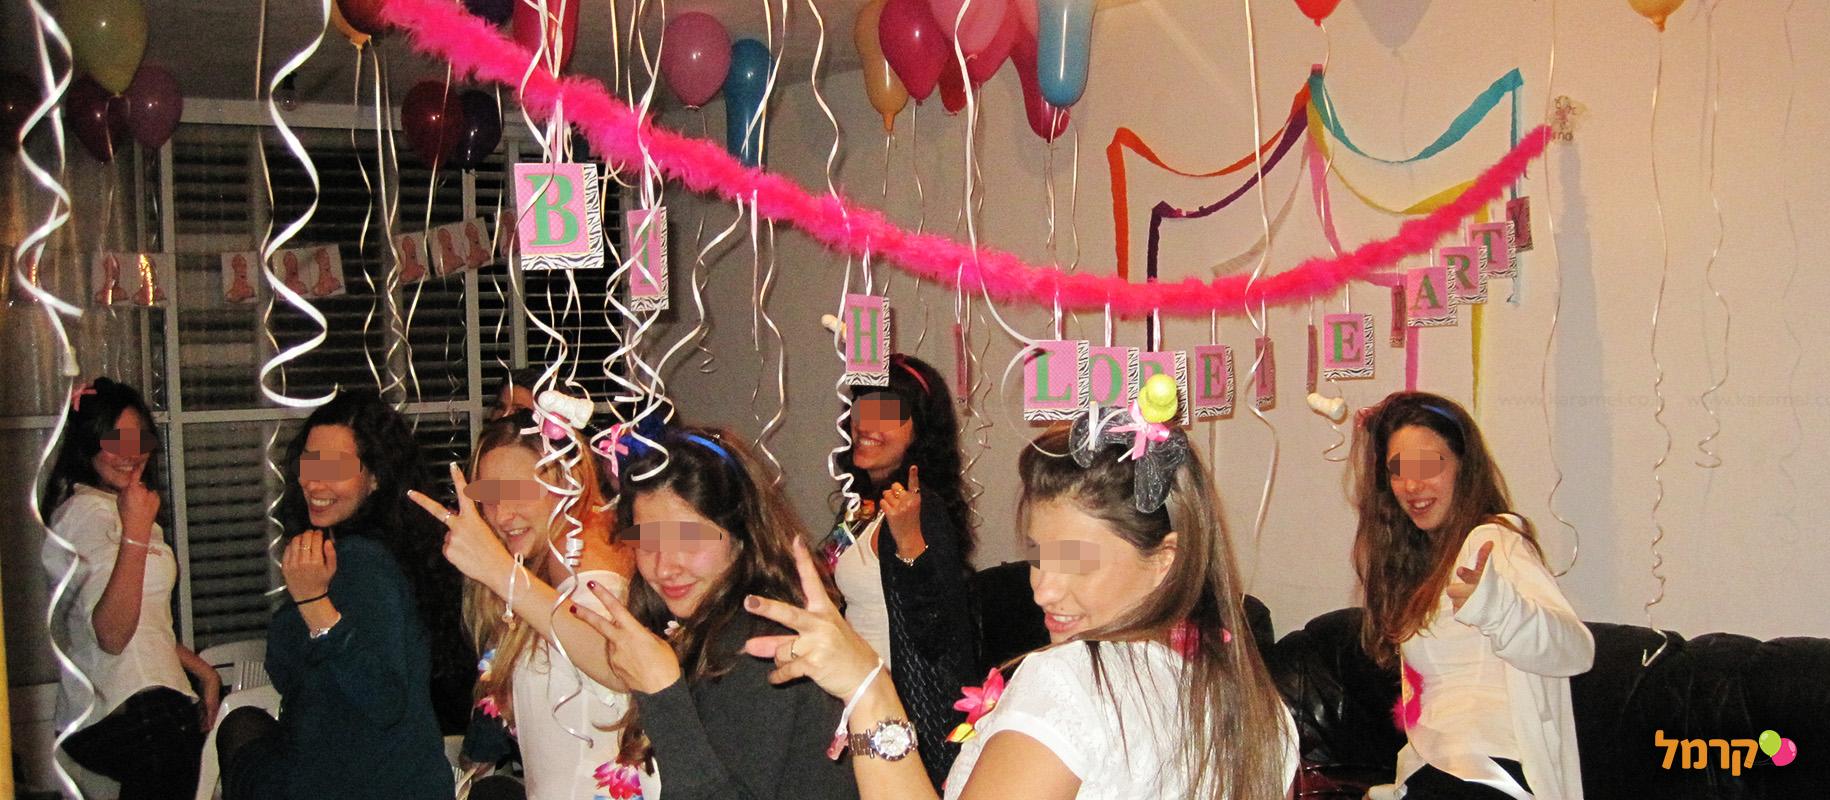 מסיבה לוהטת לרווקה הנחשקת - 073-7027620